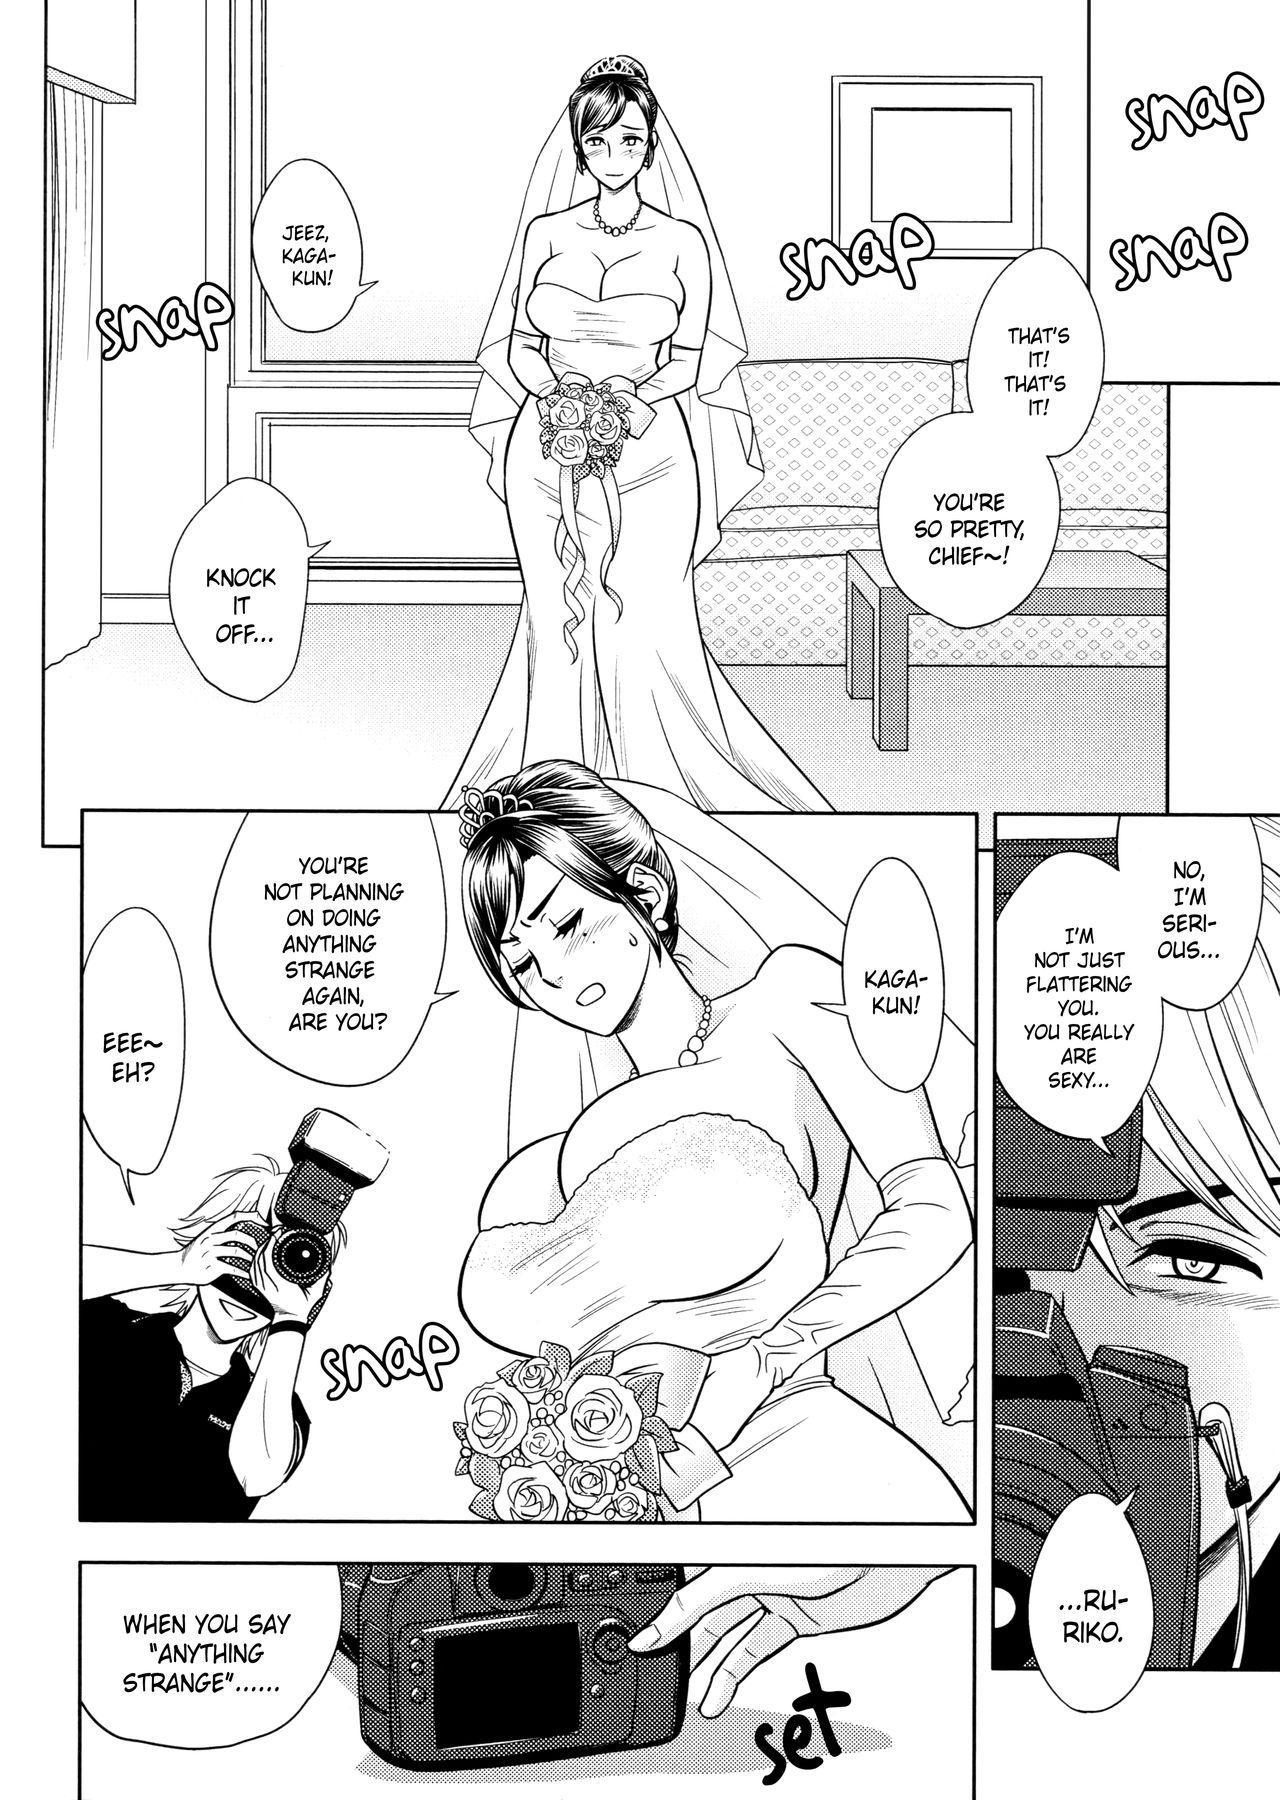 [Tatsunami Youtoku, Yamazaki Masato] Bijin Henshuu-chou no Himitsu | Beautiful Editor-in-Chief's Secret Ch. 1-7 [English] [Forbiddenfetish77, Red Vodka, Crystalium, CEDR777] [Decensored] 87